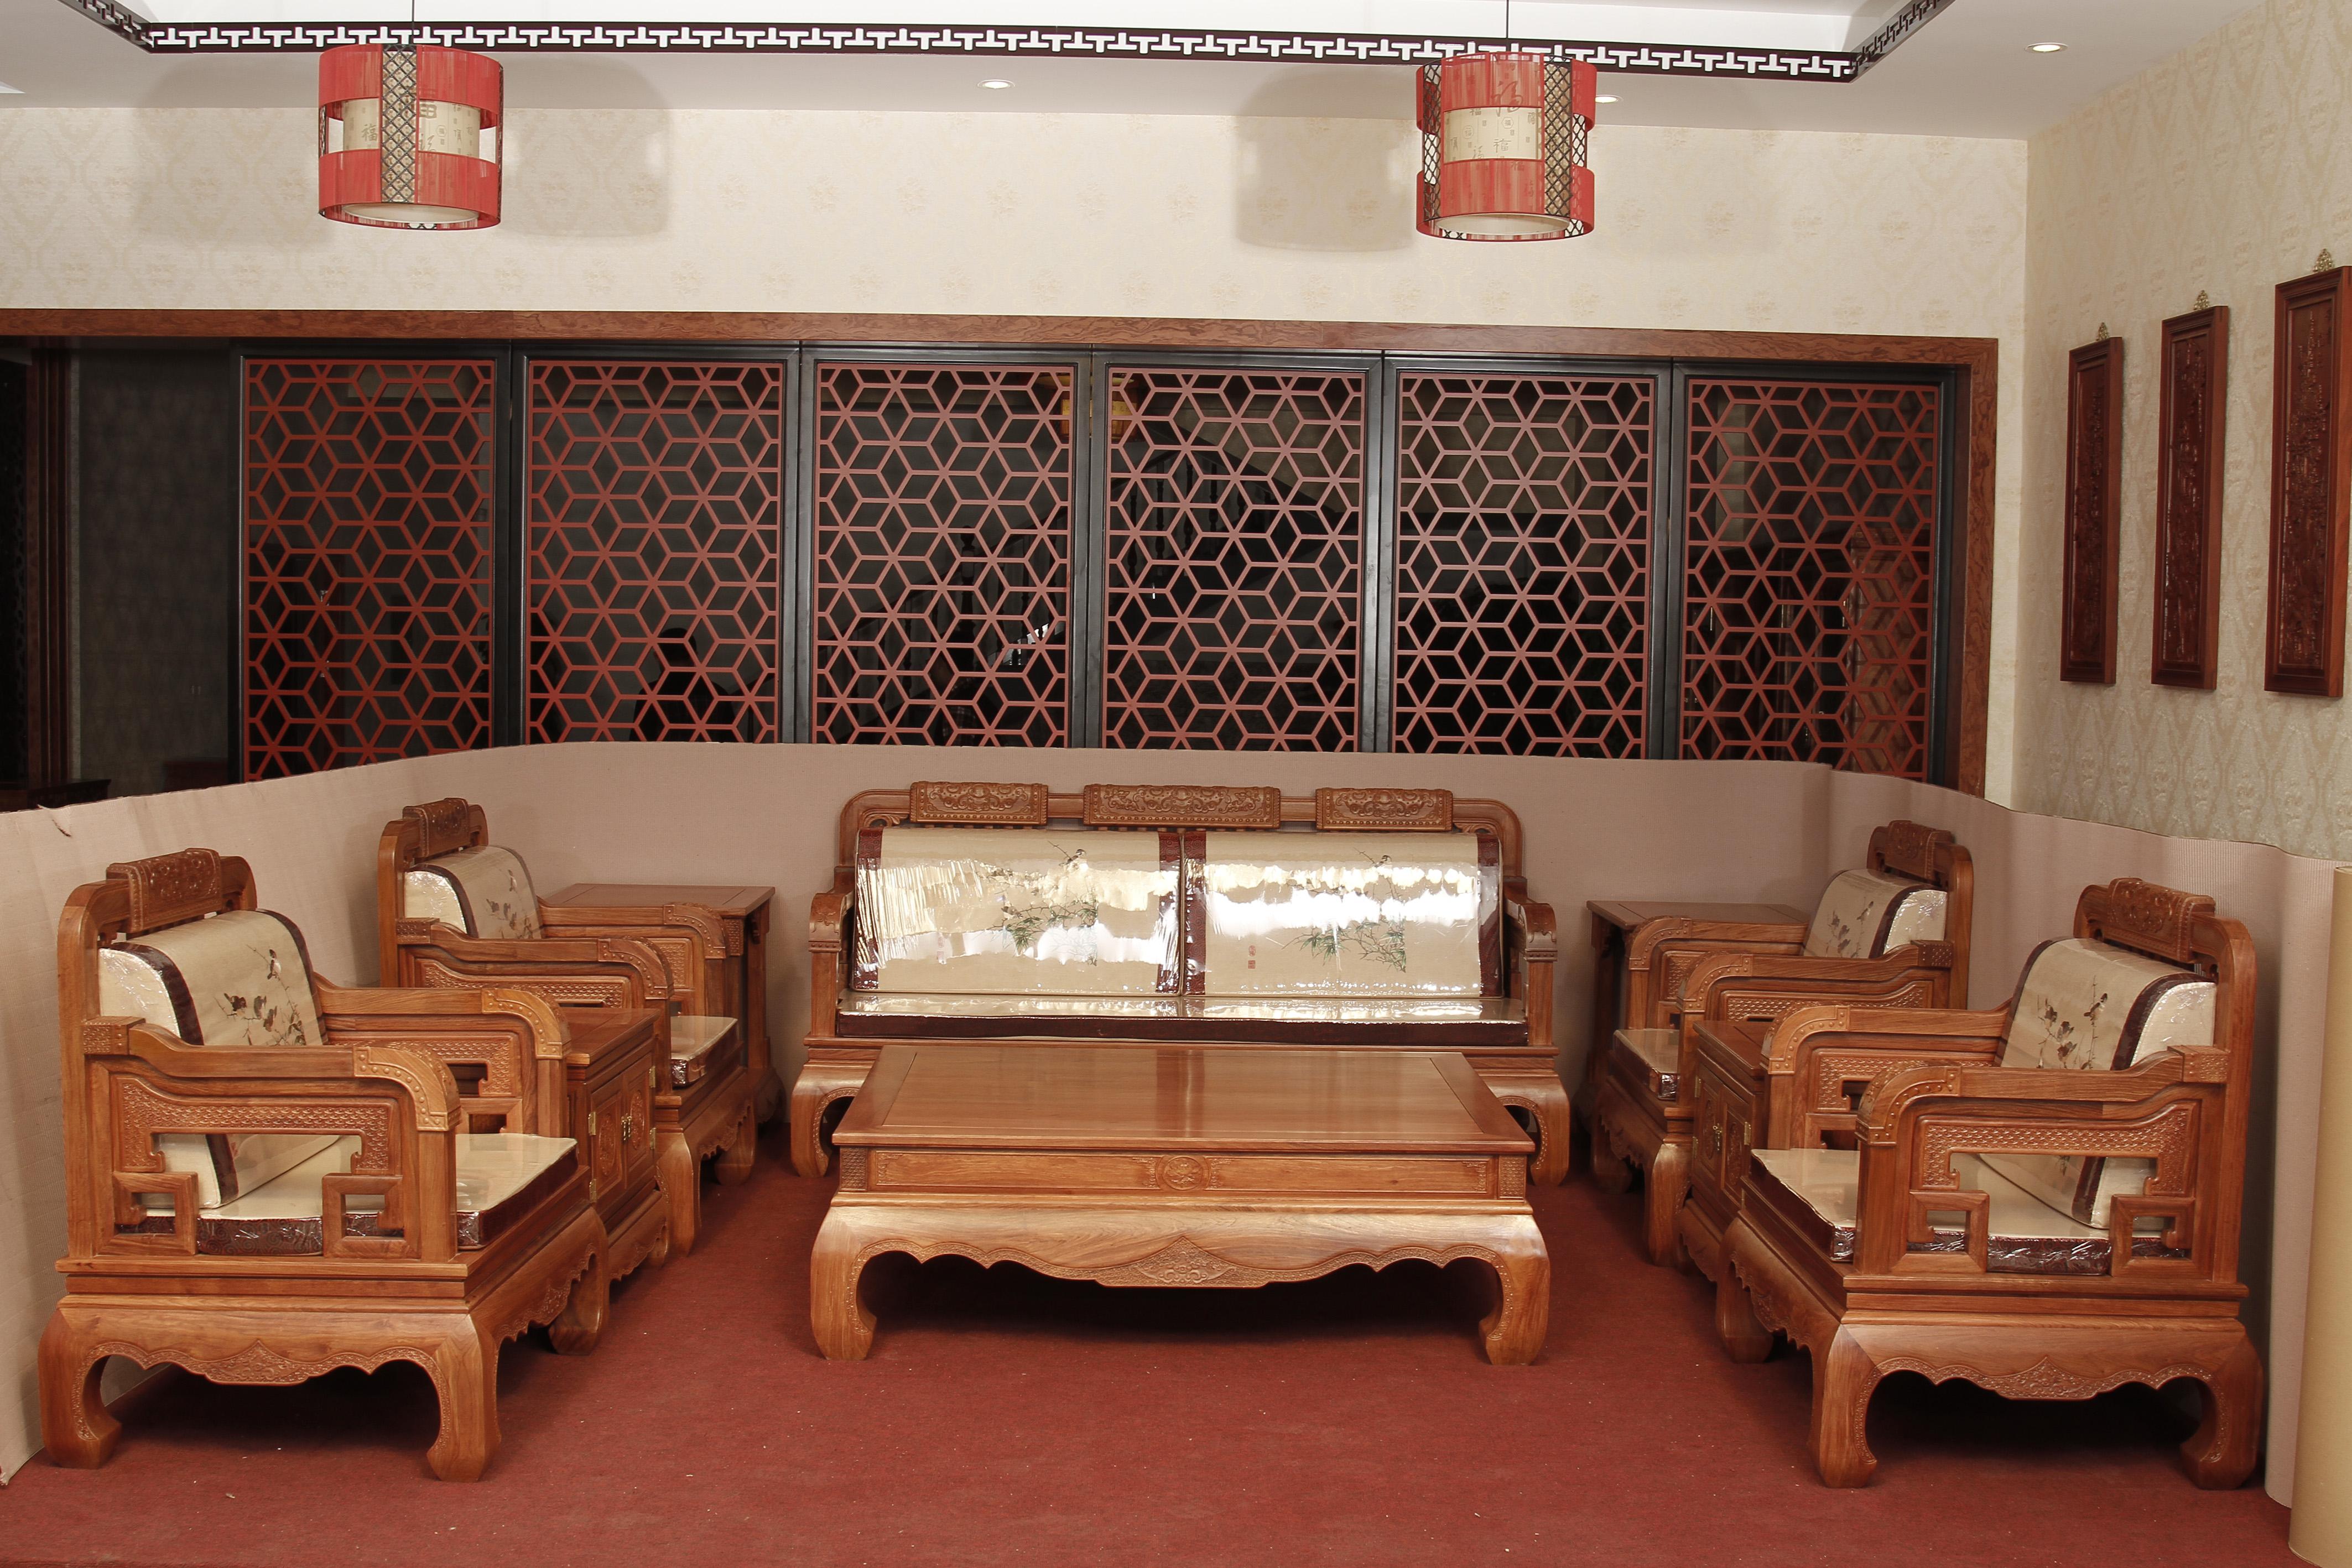 供应用于客厅的福建家具厂鲁创红木家具价格和谐世家沙发